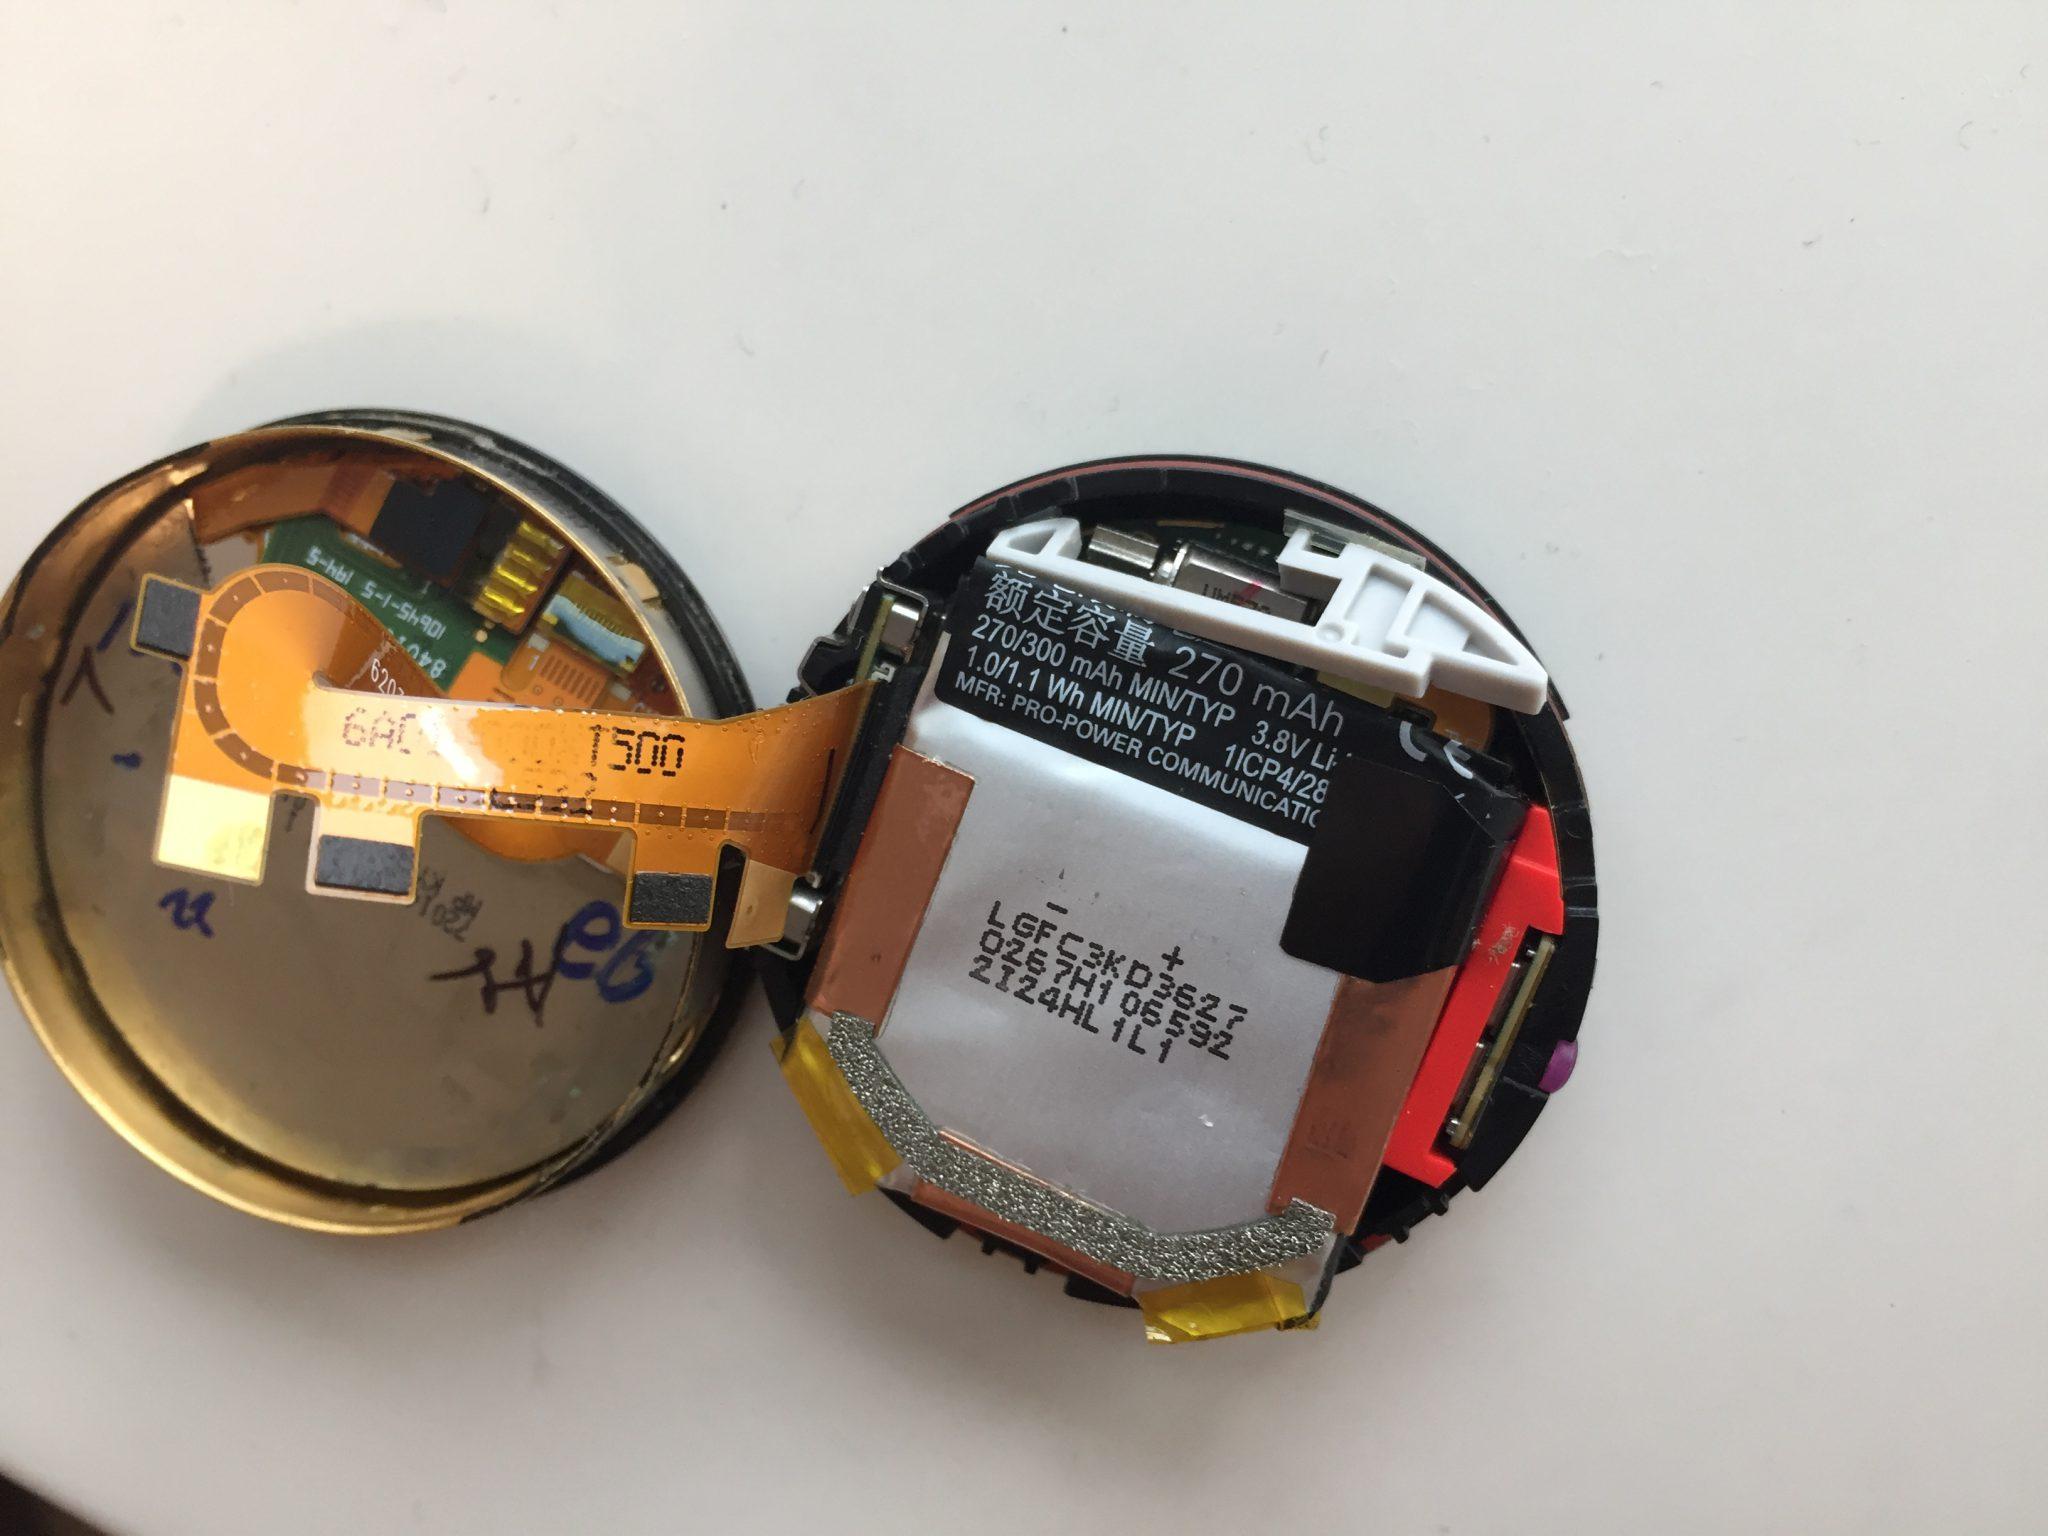 スマートウォッチ「moto360(2nd Gen)」のバッテリーが限界。なので自分で交換するべく、まずは分解してみた。